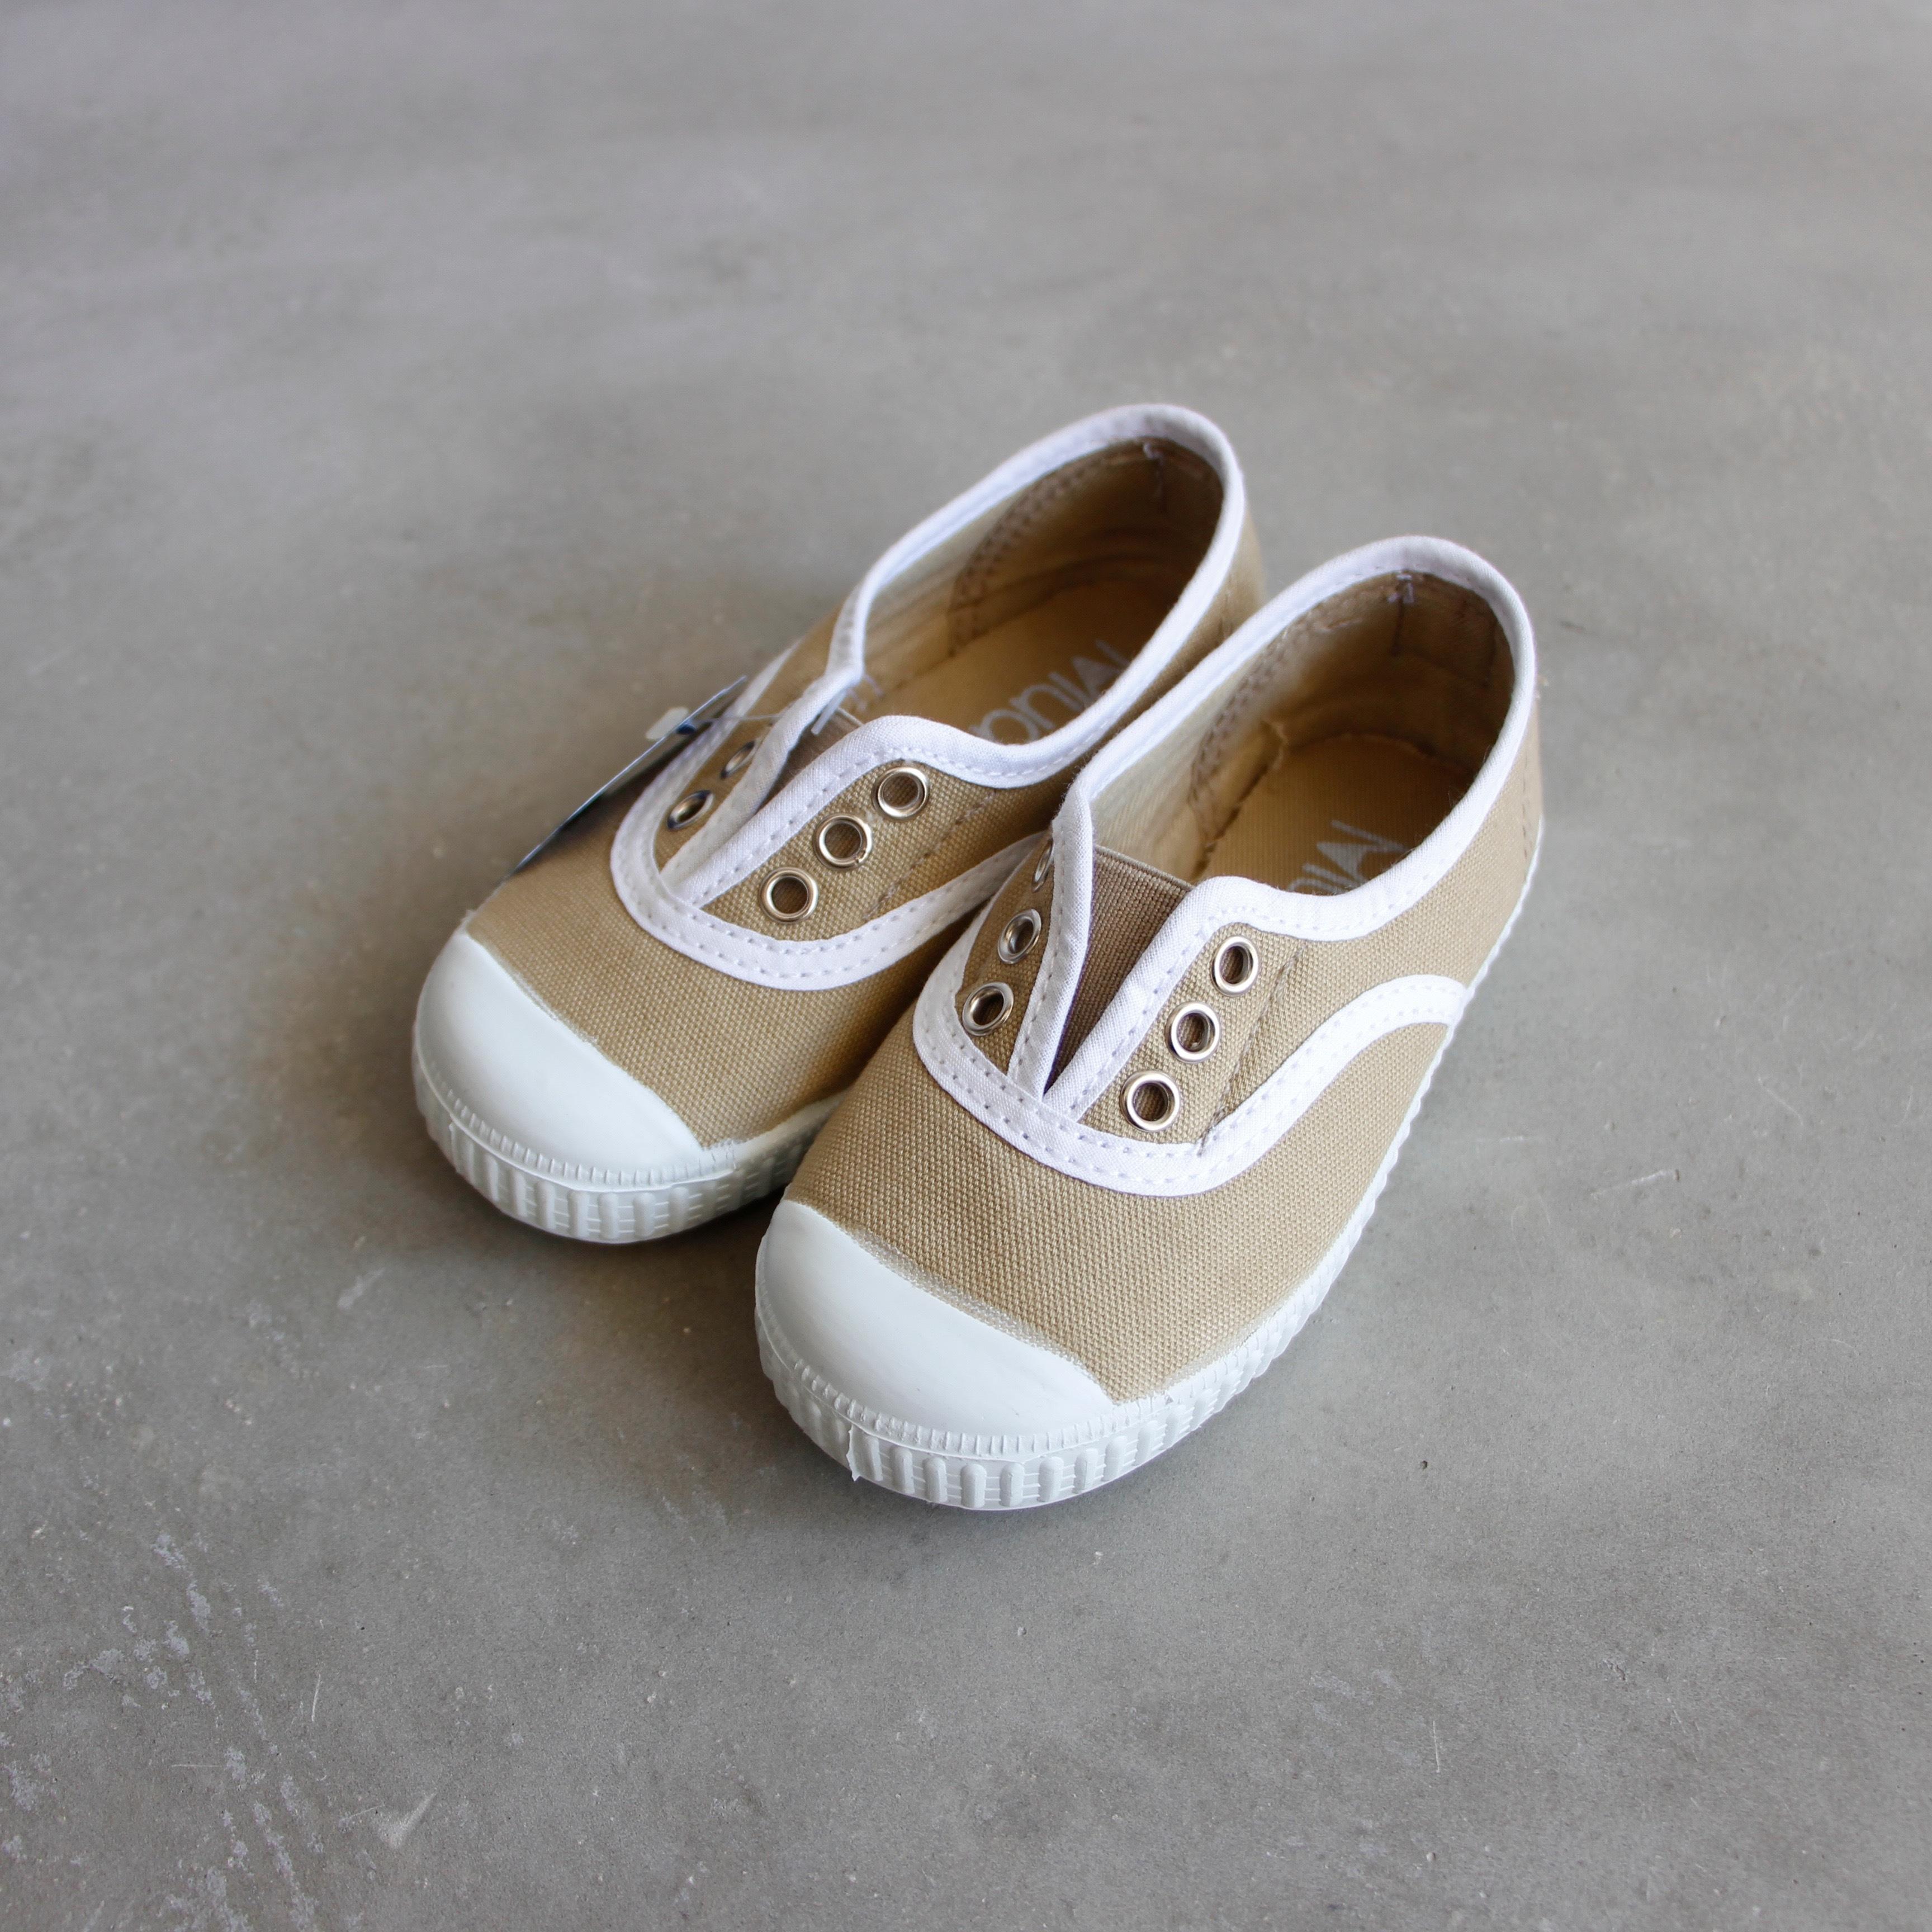 《LA CADENA》INGLES ELASTICO P / beige(white trim) / 28-34(17.5-21.5cm)